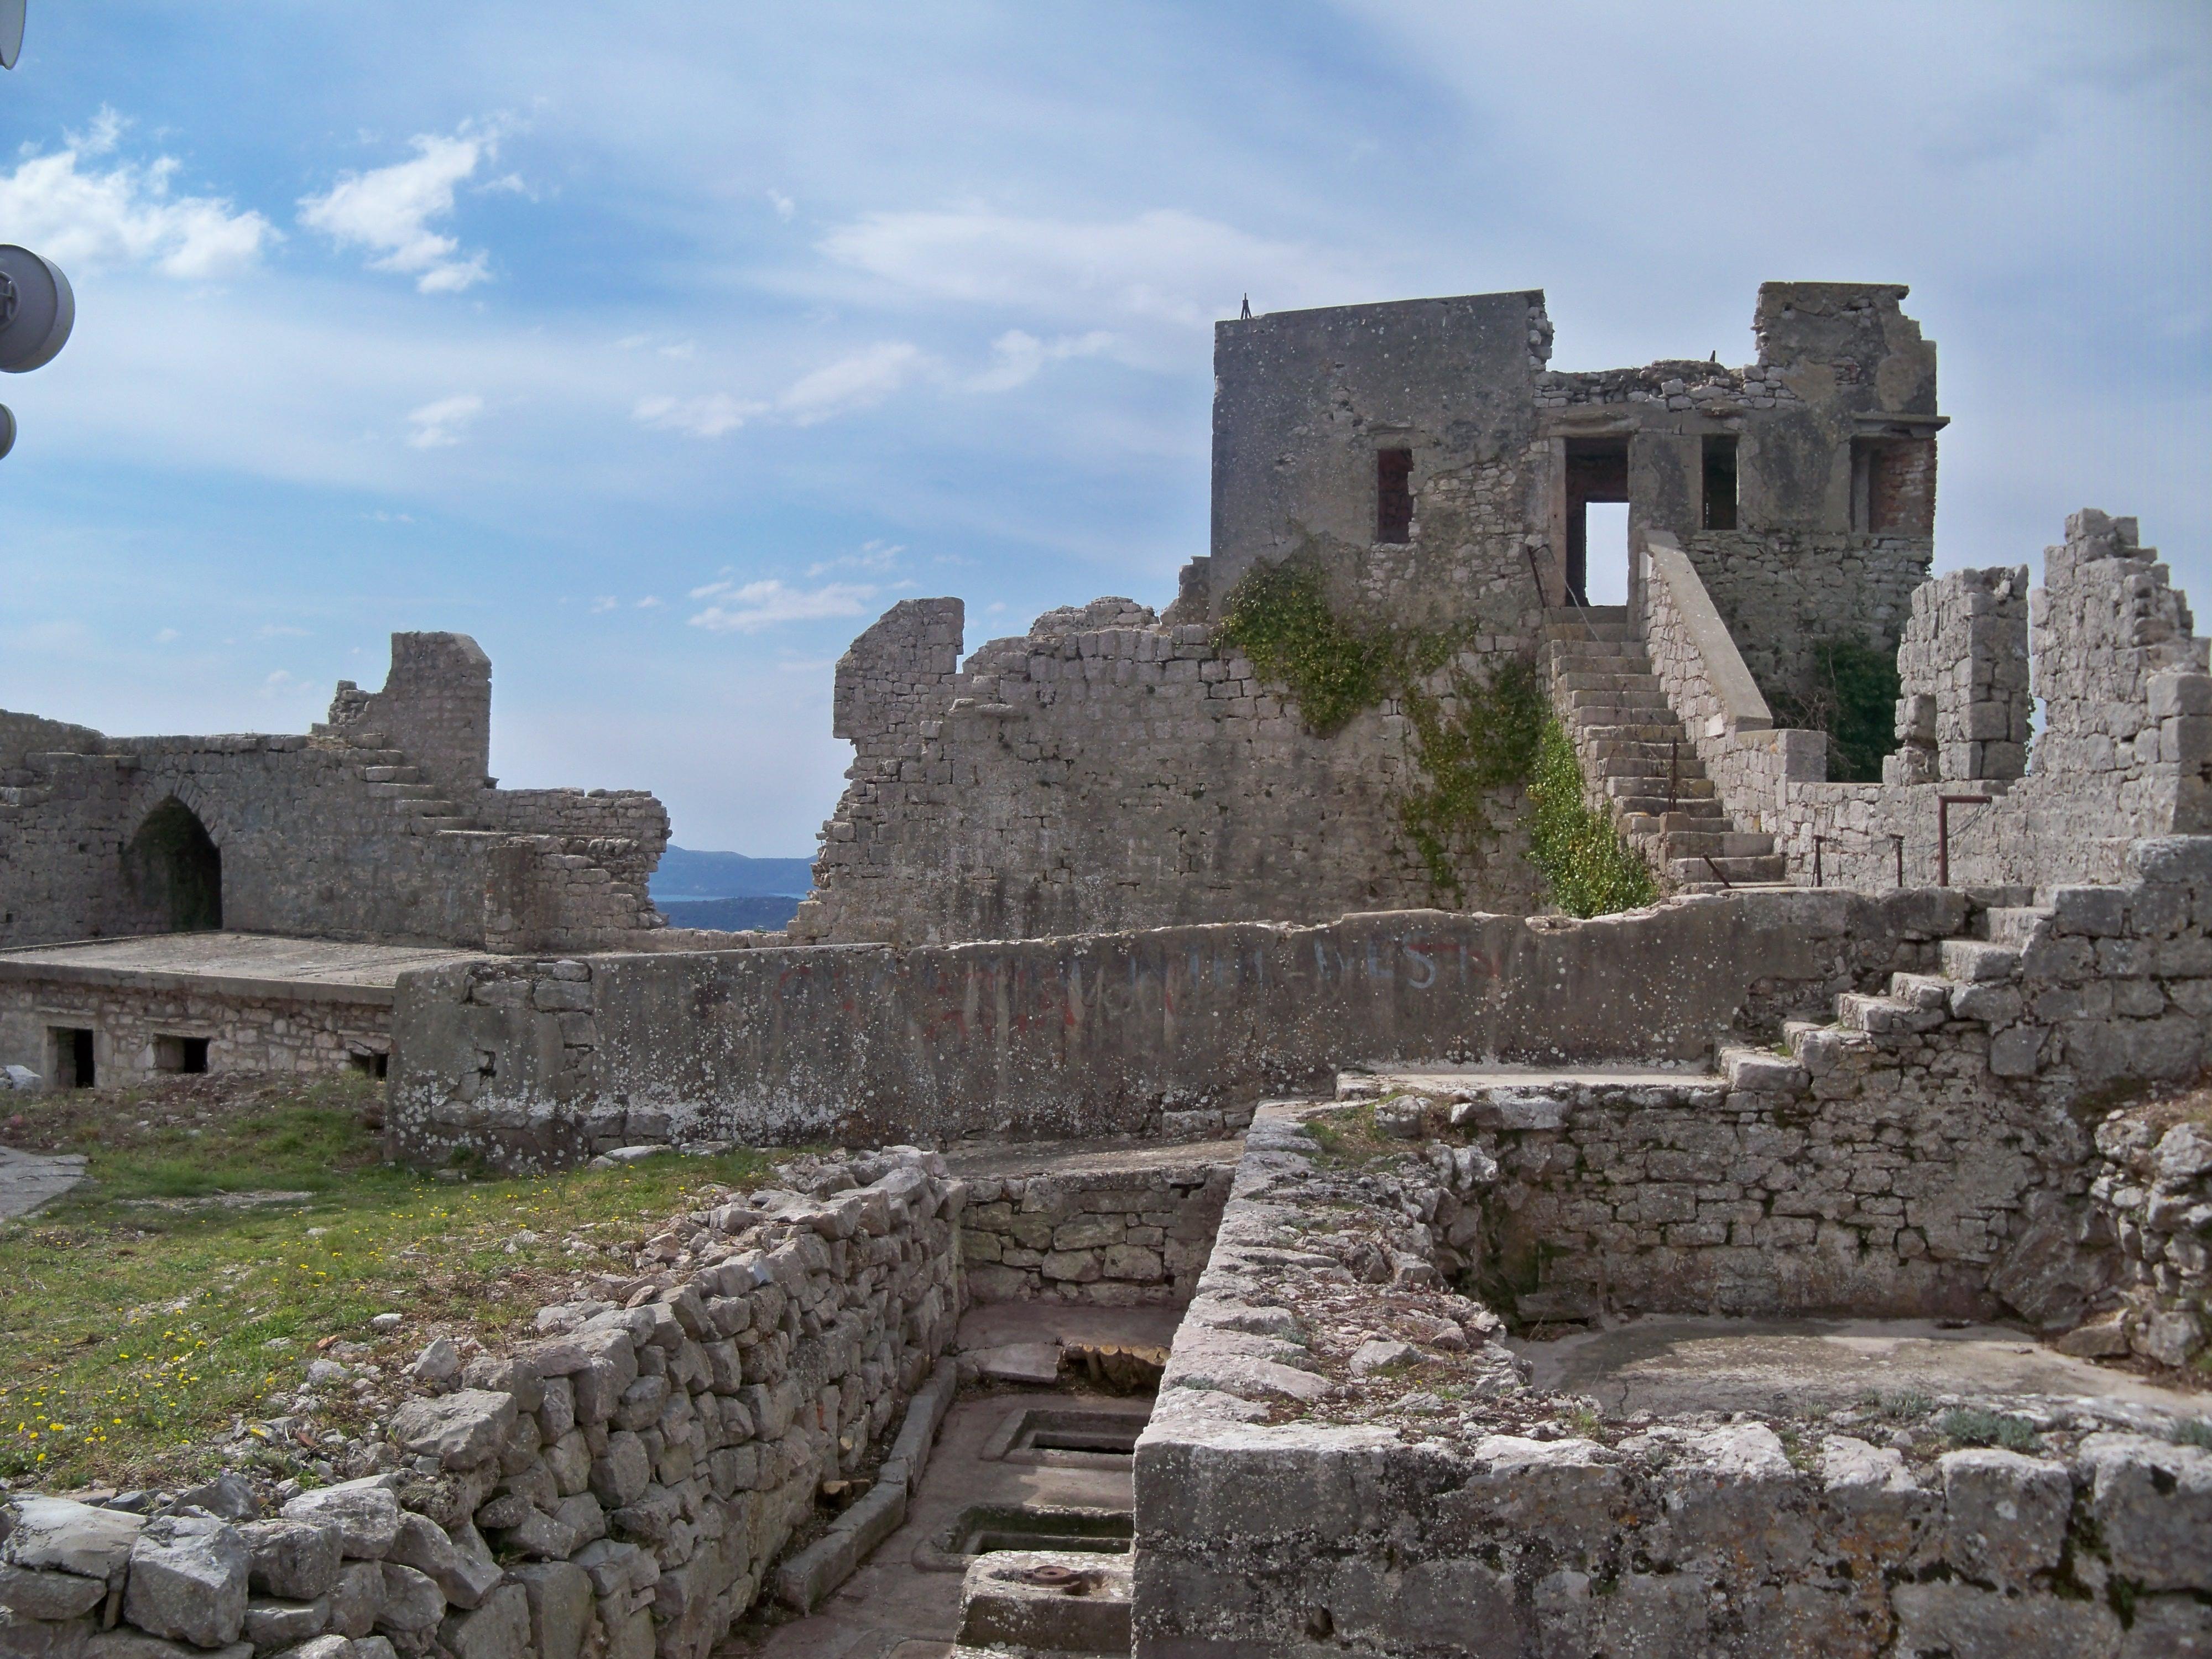 Općini Preko vraćena nadležnost nad Tvrđavom sv. Mihovila